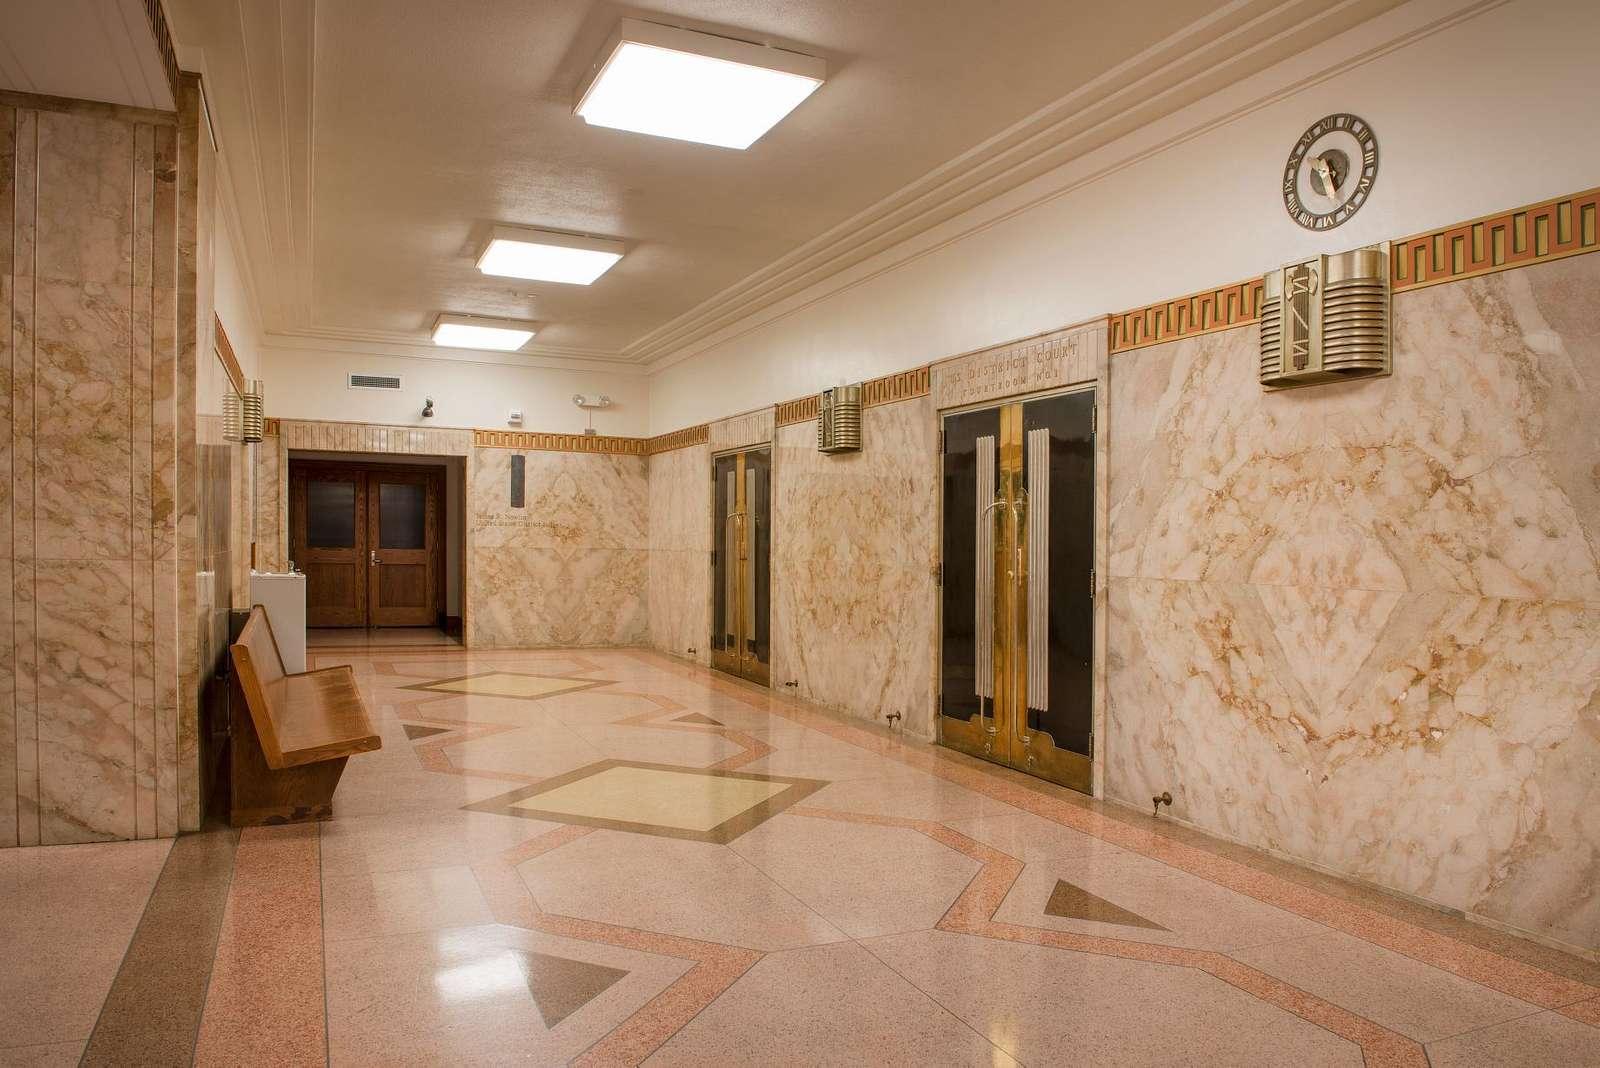 Lobby, U.S. Court House, Austin, Texas